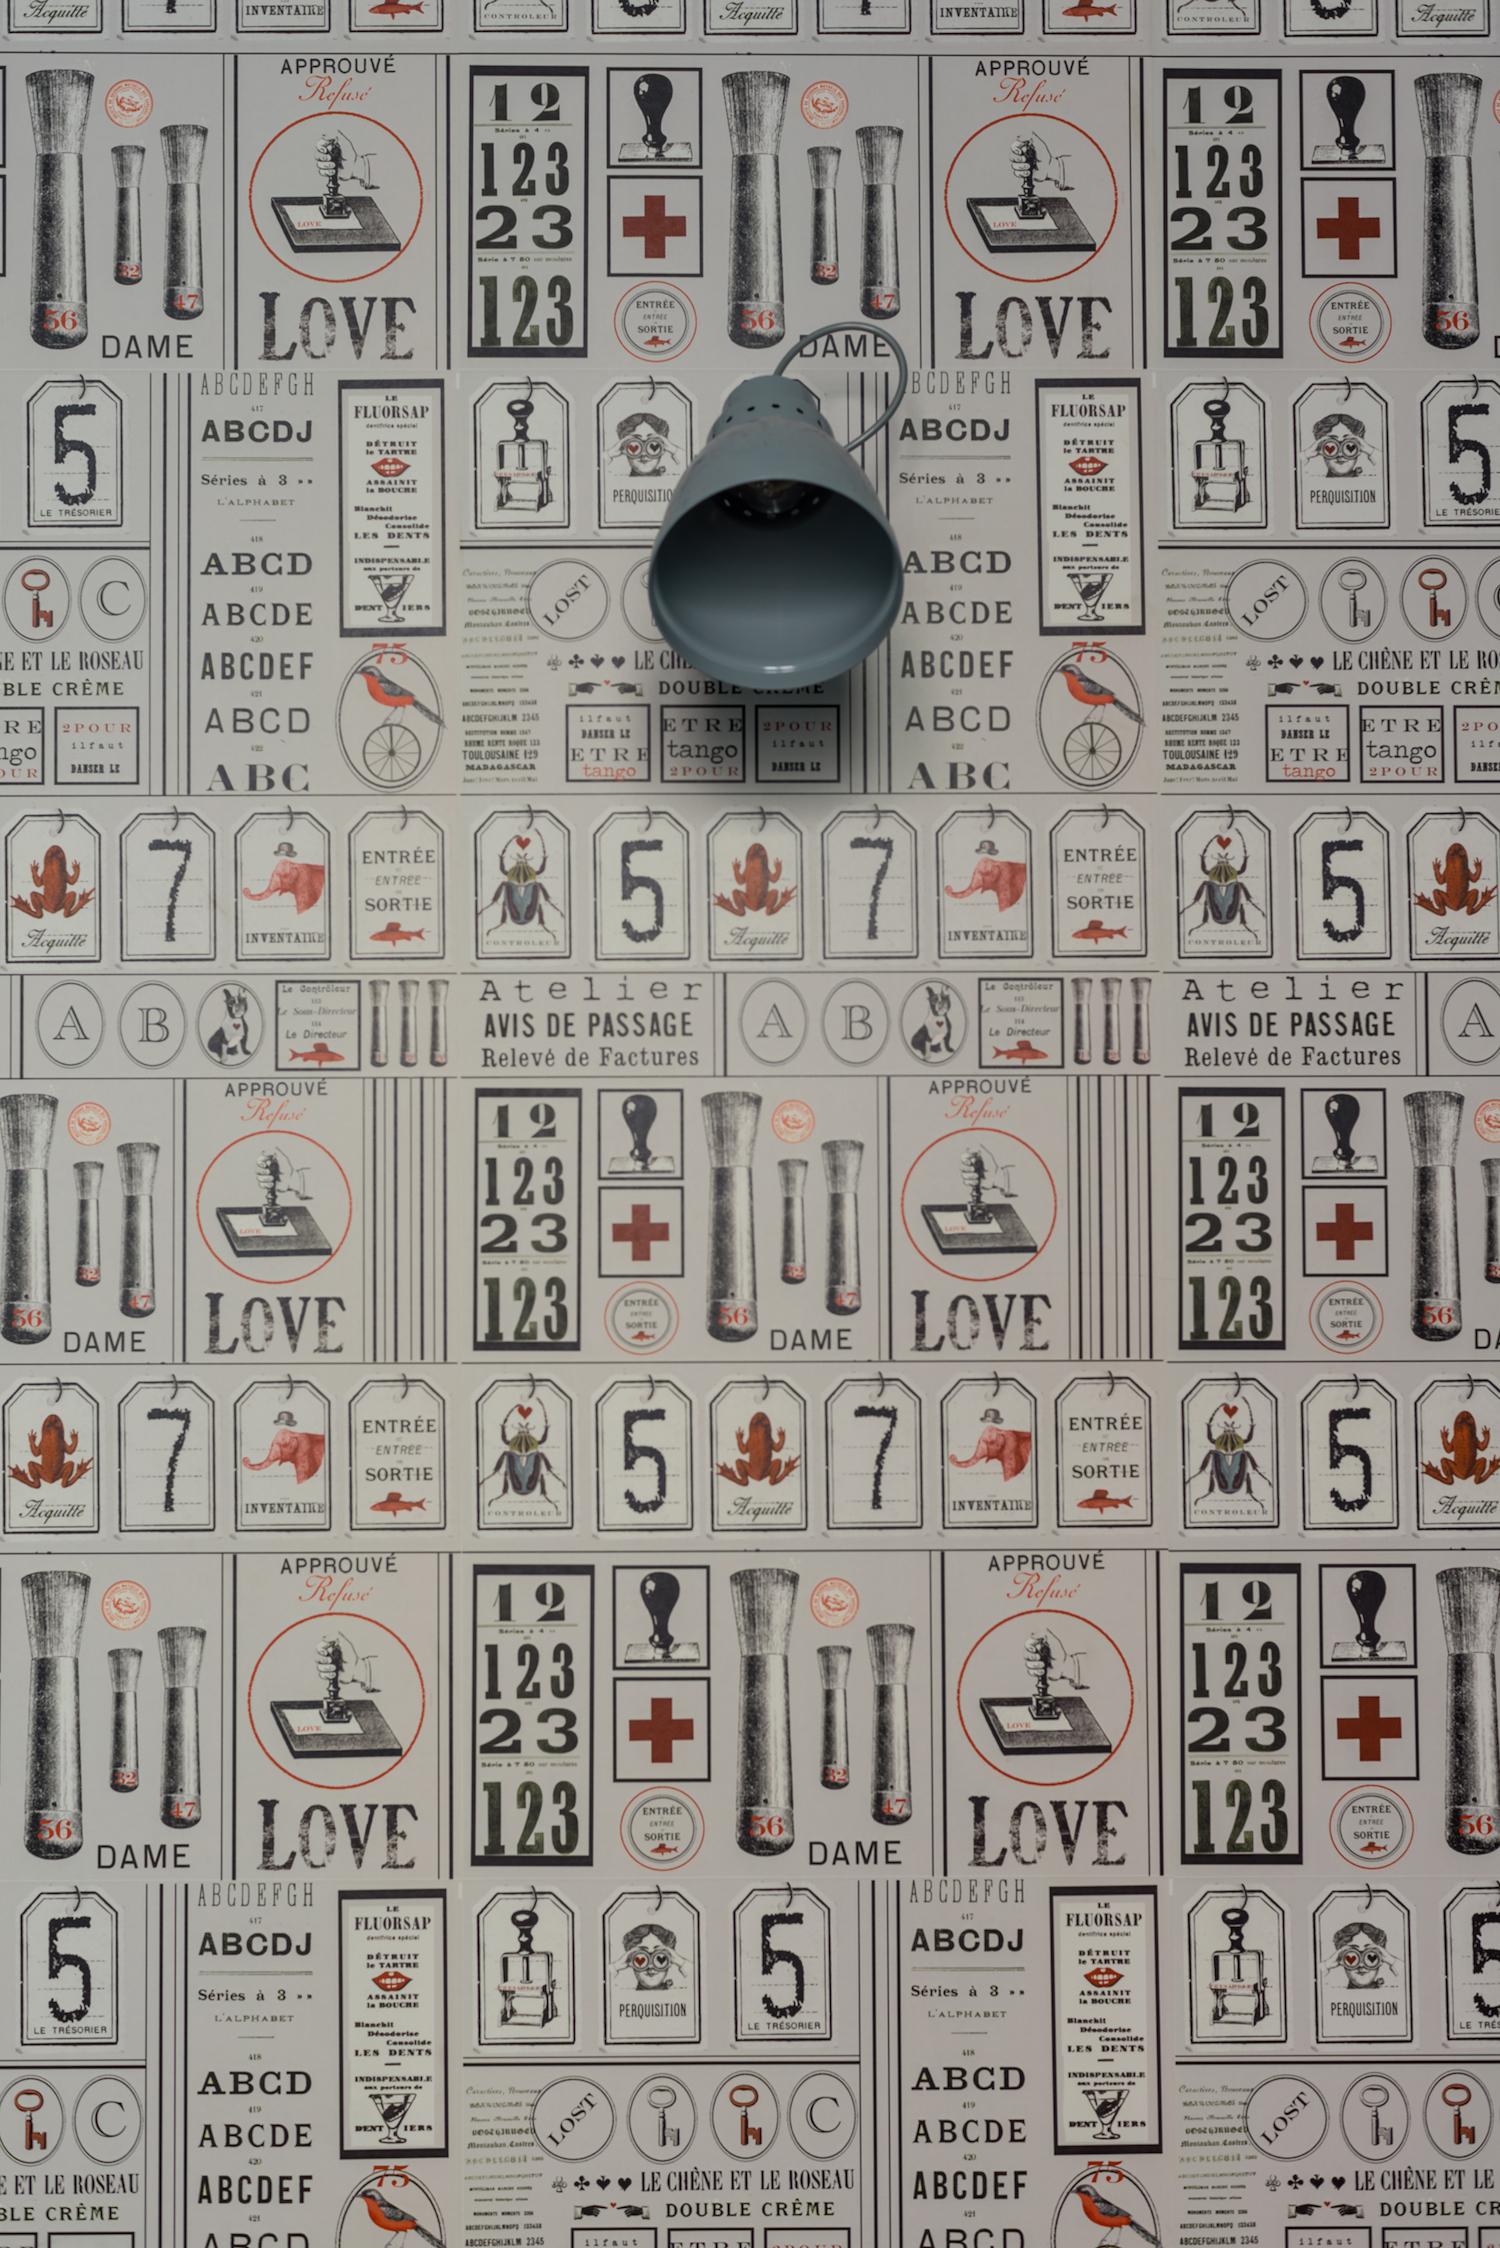 Papier Peint Style Atelier papier peint atelier — maison caumont